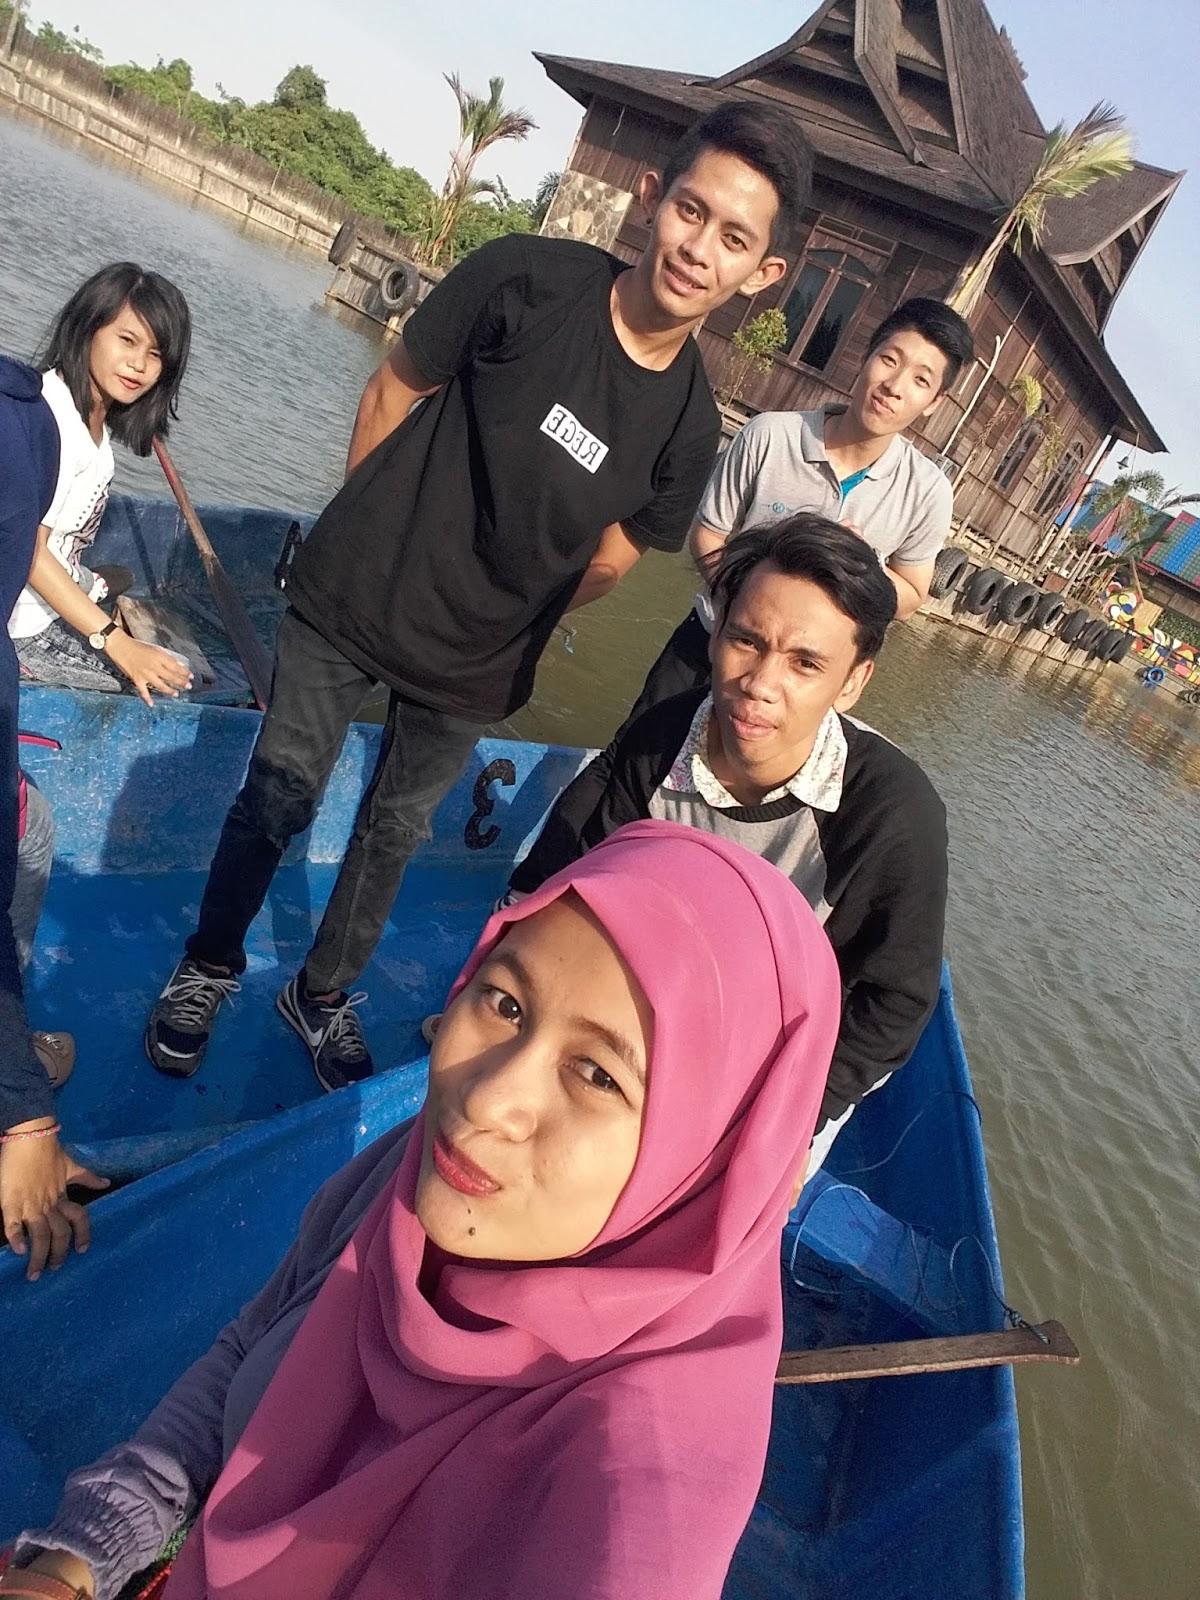 Wisata Kalimantan Timur Berbicara Tentang Tempat Samarinda Dikenal Kampung Tenun